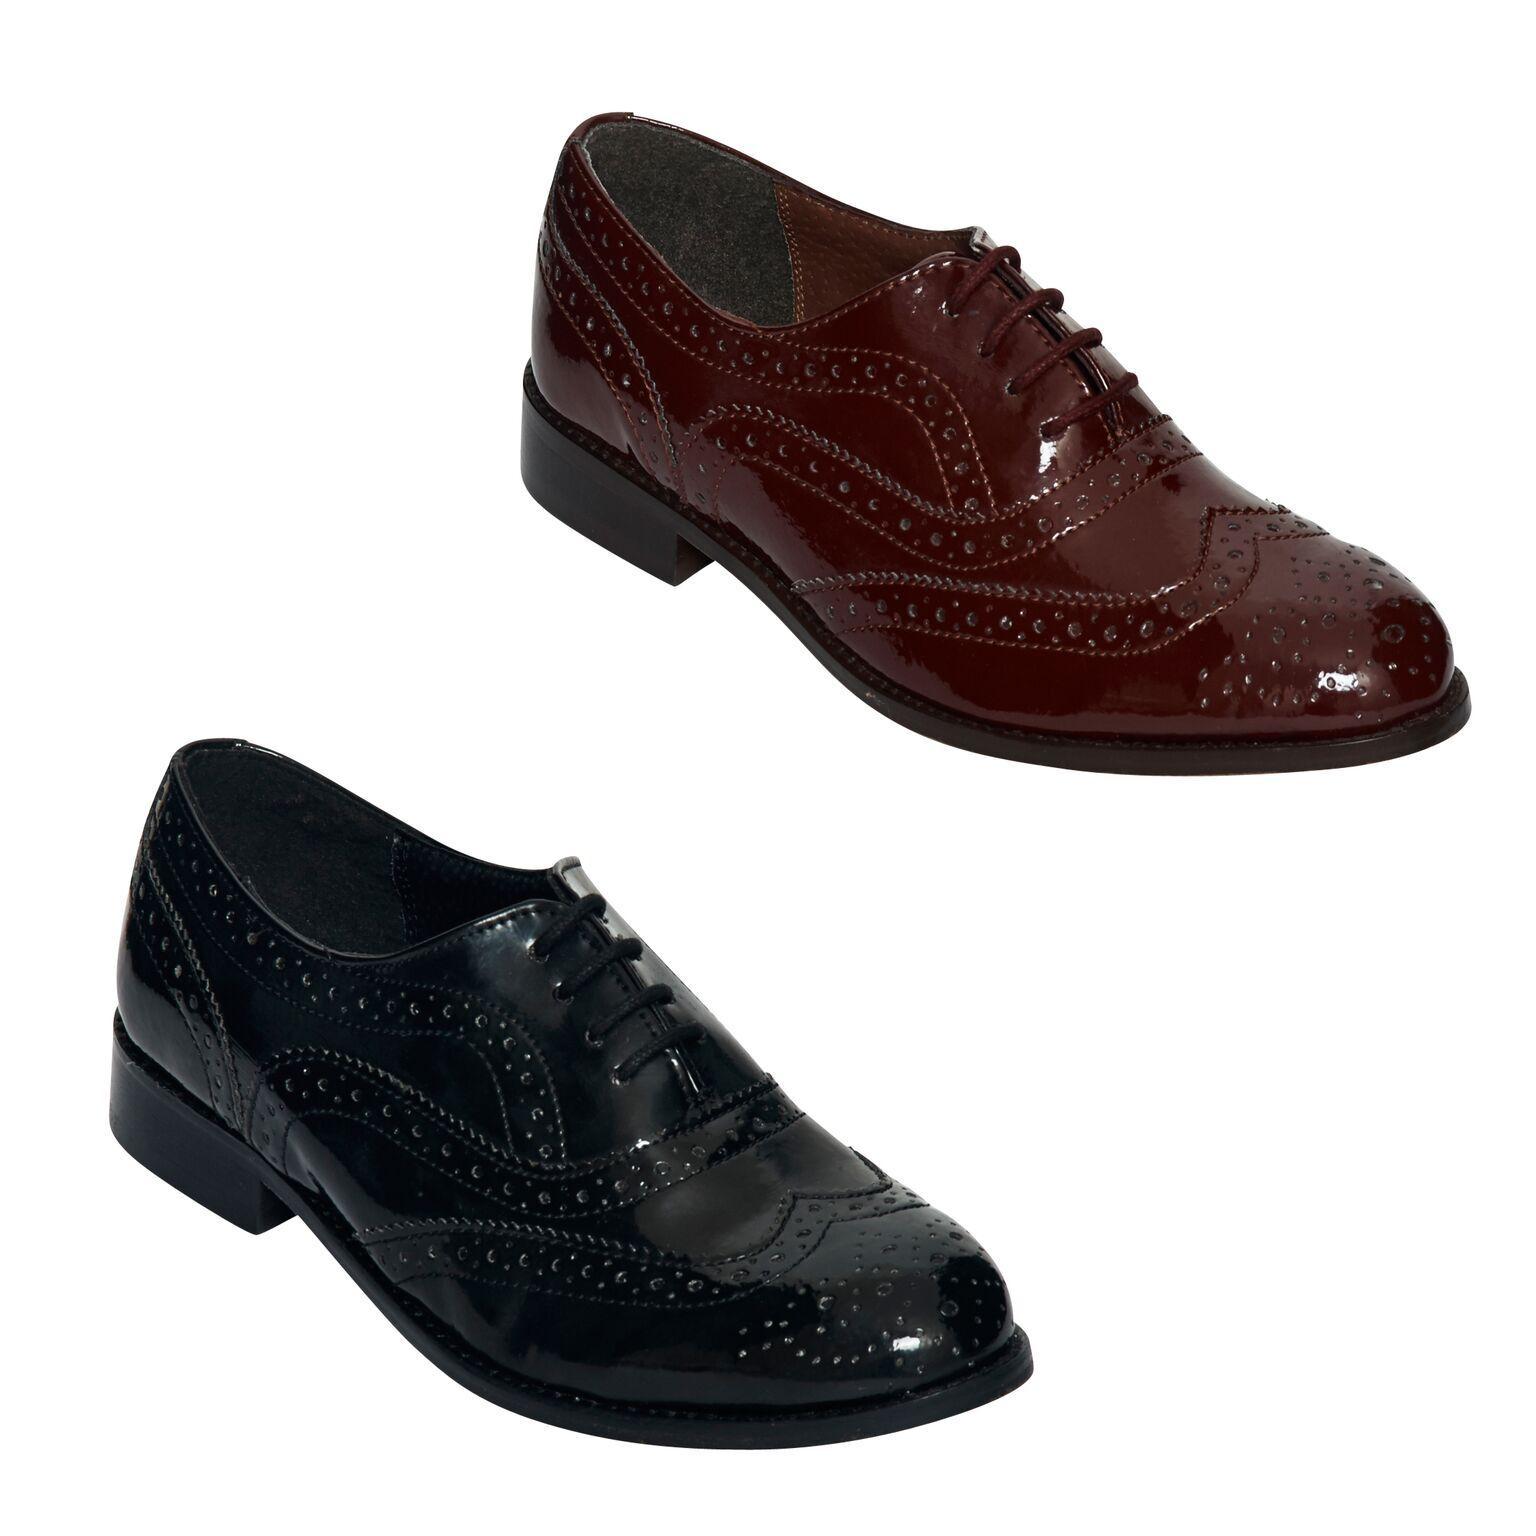 Zapatos de mujer baratos zapatos de mujer Descuento por tiempo limitado WOMEN LADIES BROGUES FLAT LACE UP SMART PATENT OXFORD SHOES SIZE